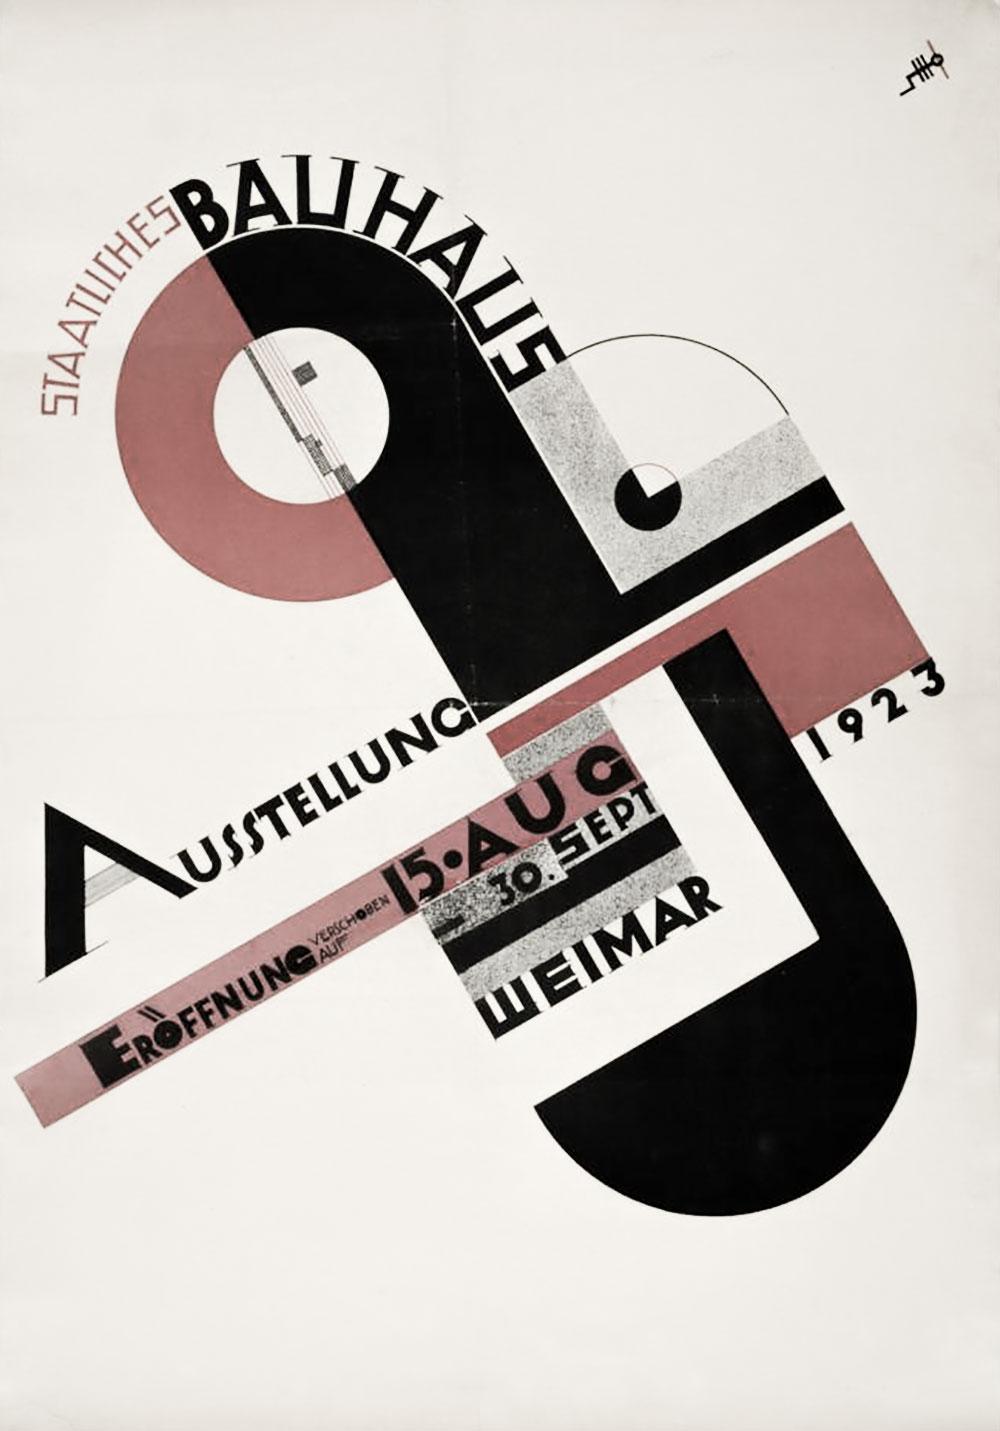 Plakat des Typografen Joost Schmidt (1893–1948) für eine Ausstellung des Bauhauses in Weimar, Akzidenzauflage mit nachträglicher Korrektur, 1923. Quelle des Bildzitats: Sammlung Wolfgang Beinert.